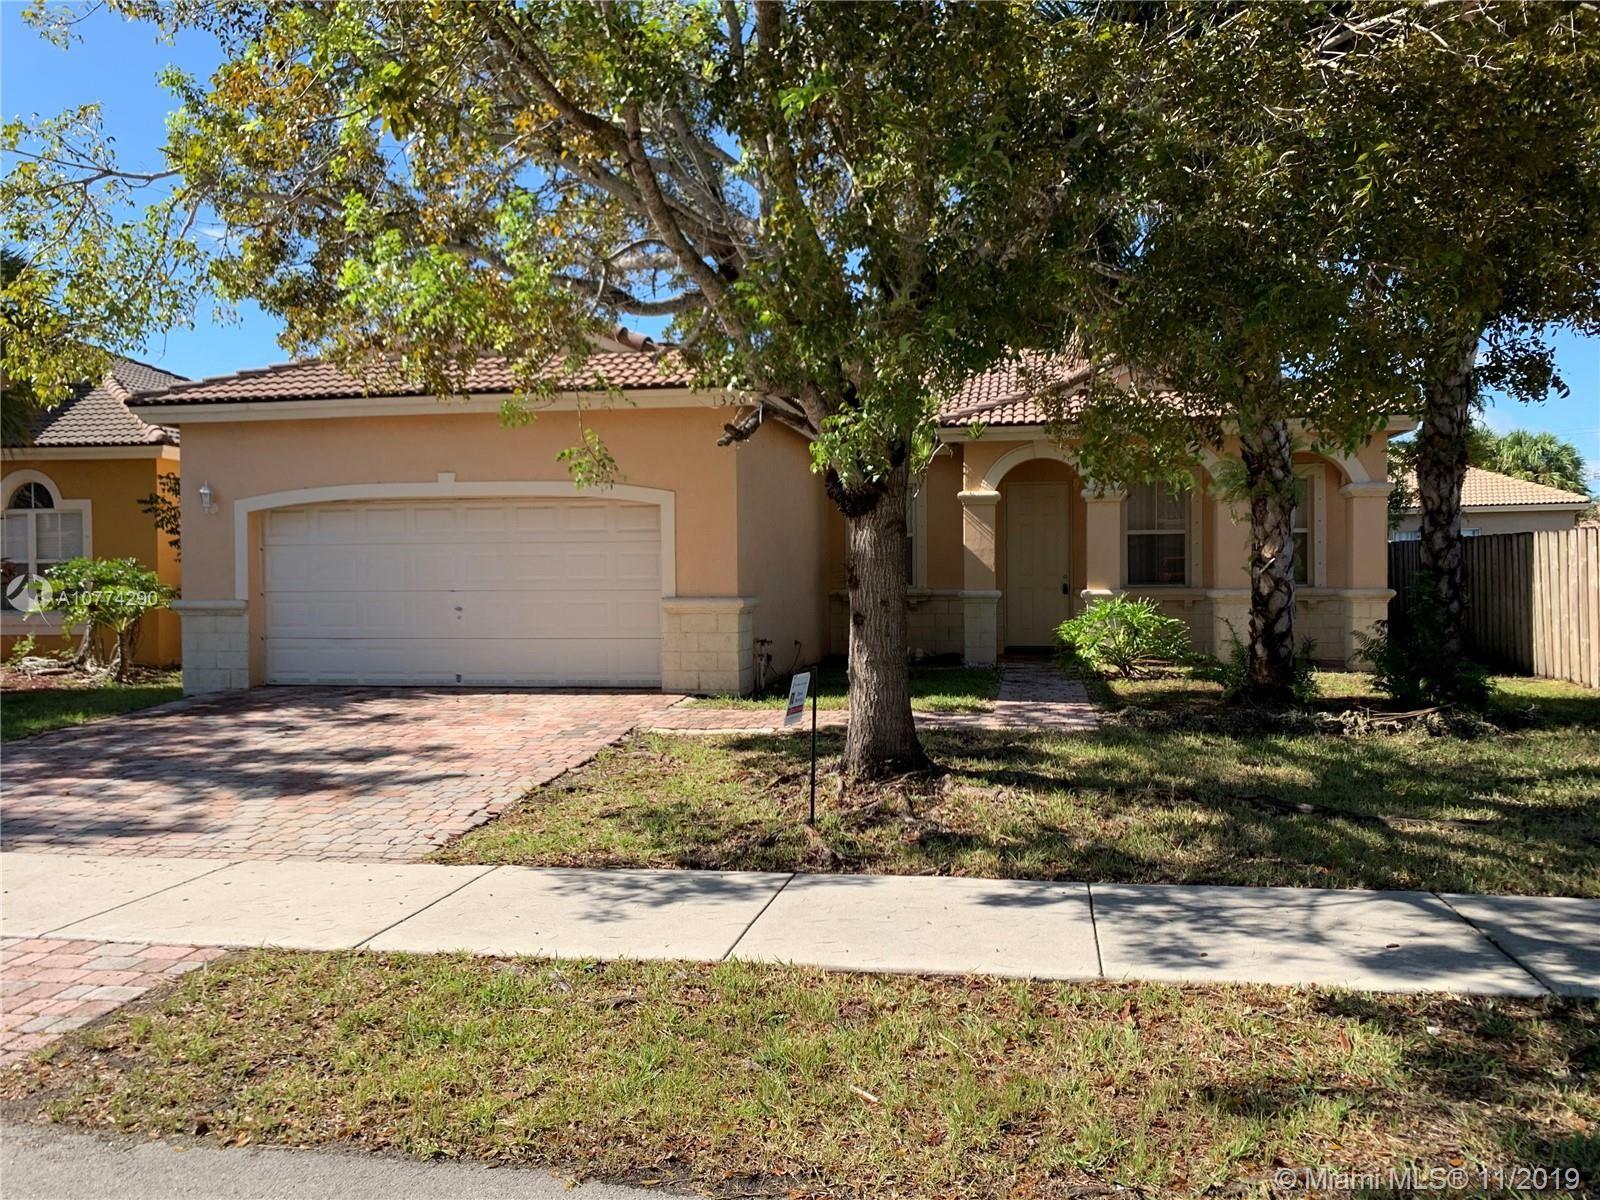 1320 SE 17 AV, Homestead, FL 33035 - MLS#: A10774290